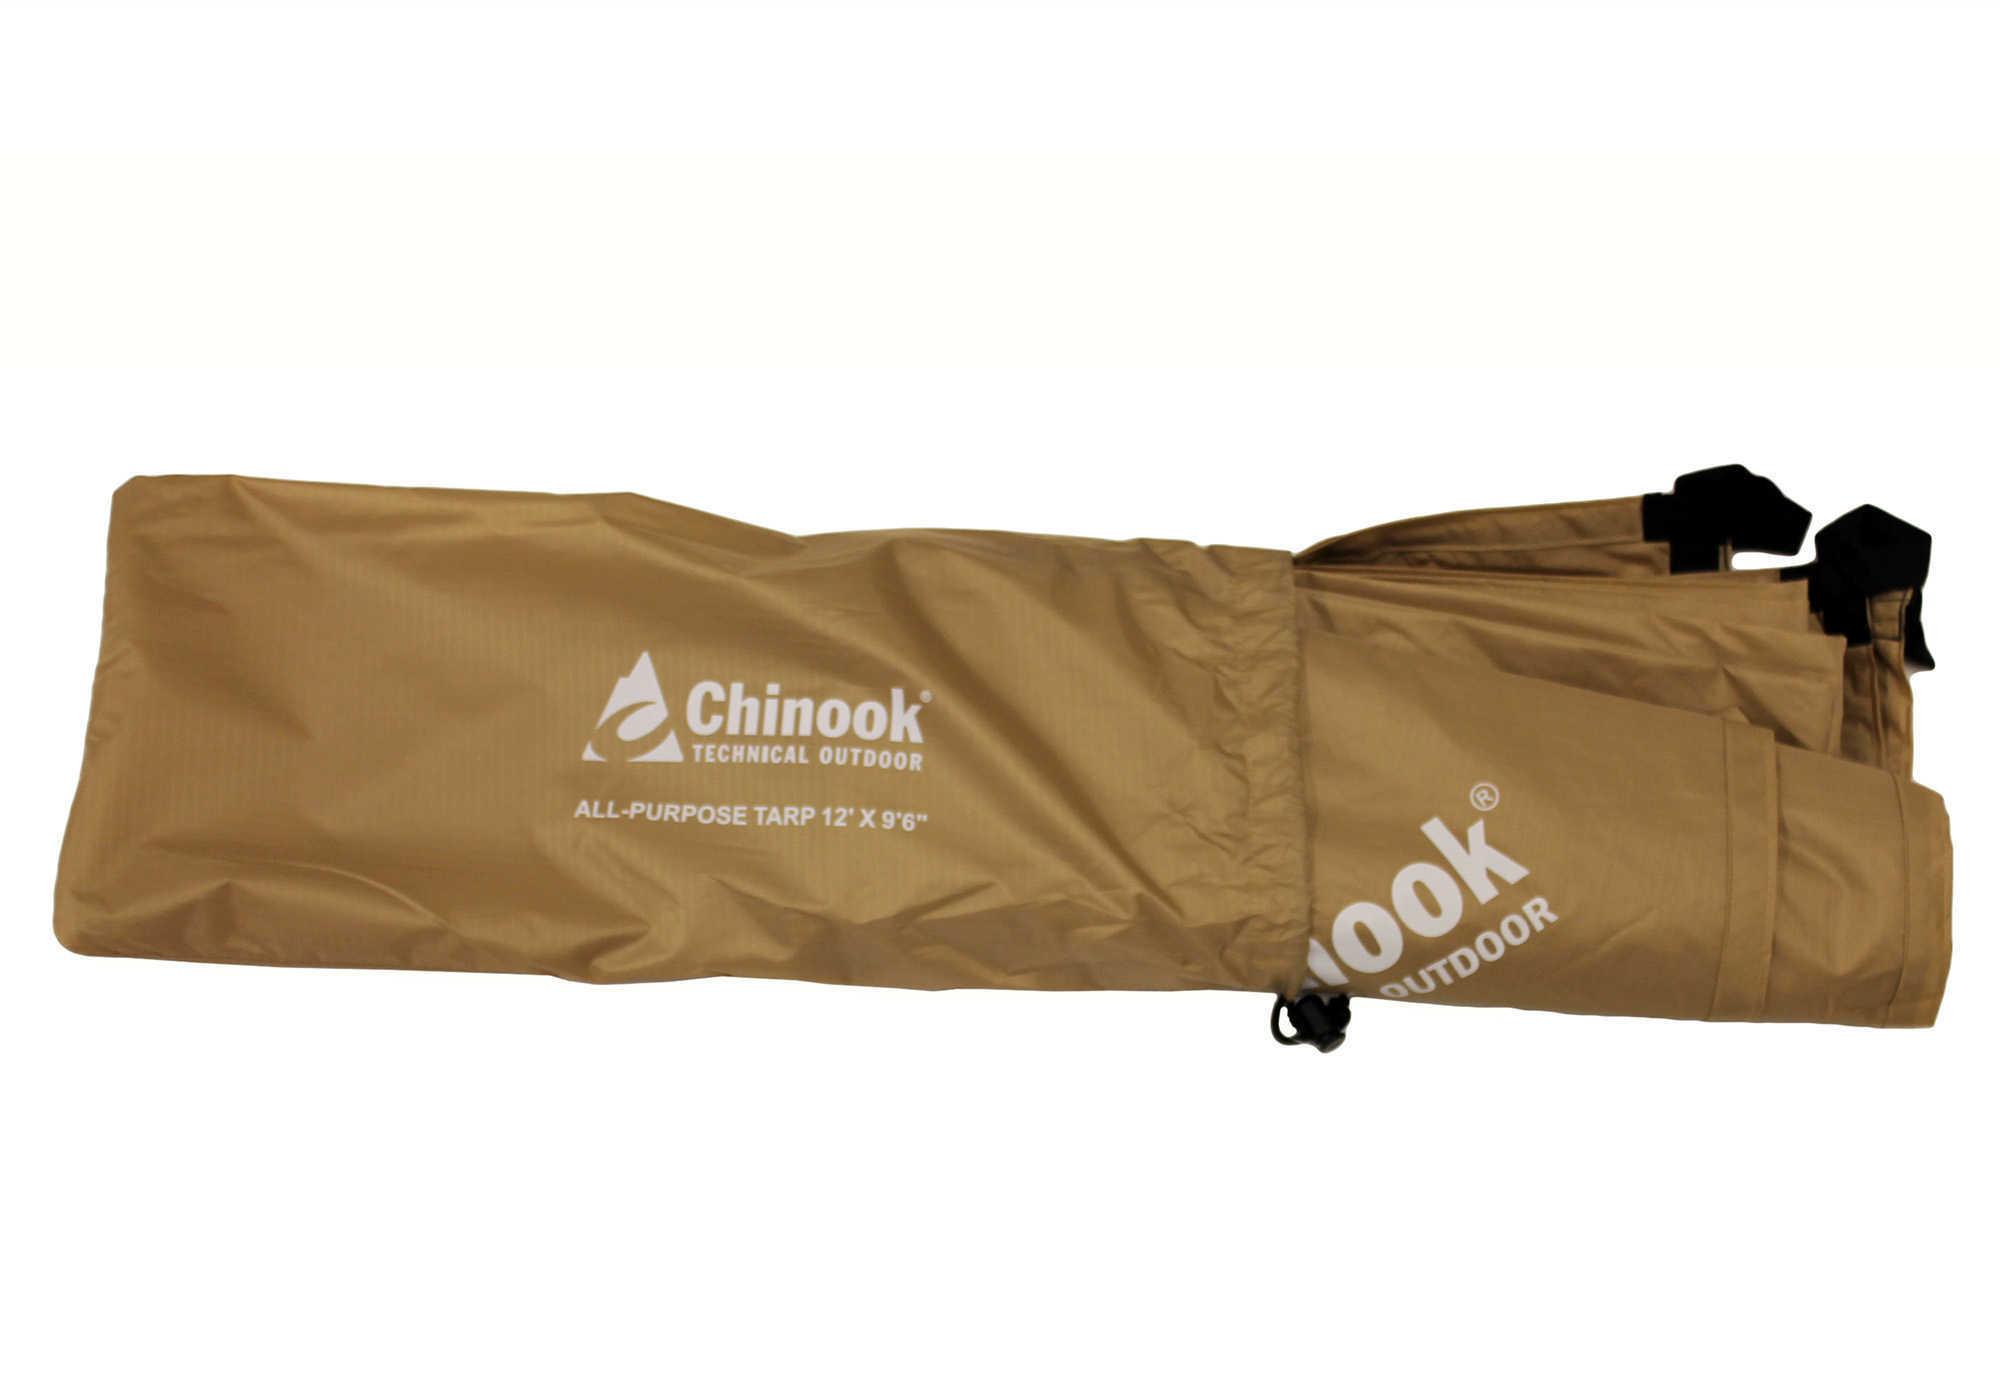 Chinook Tarp 12' X 9.6' - Sand Md: 11016